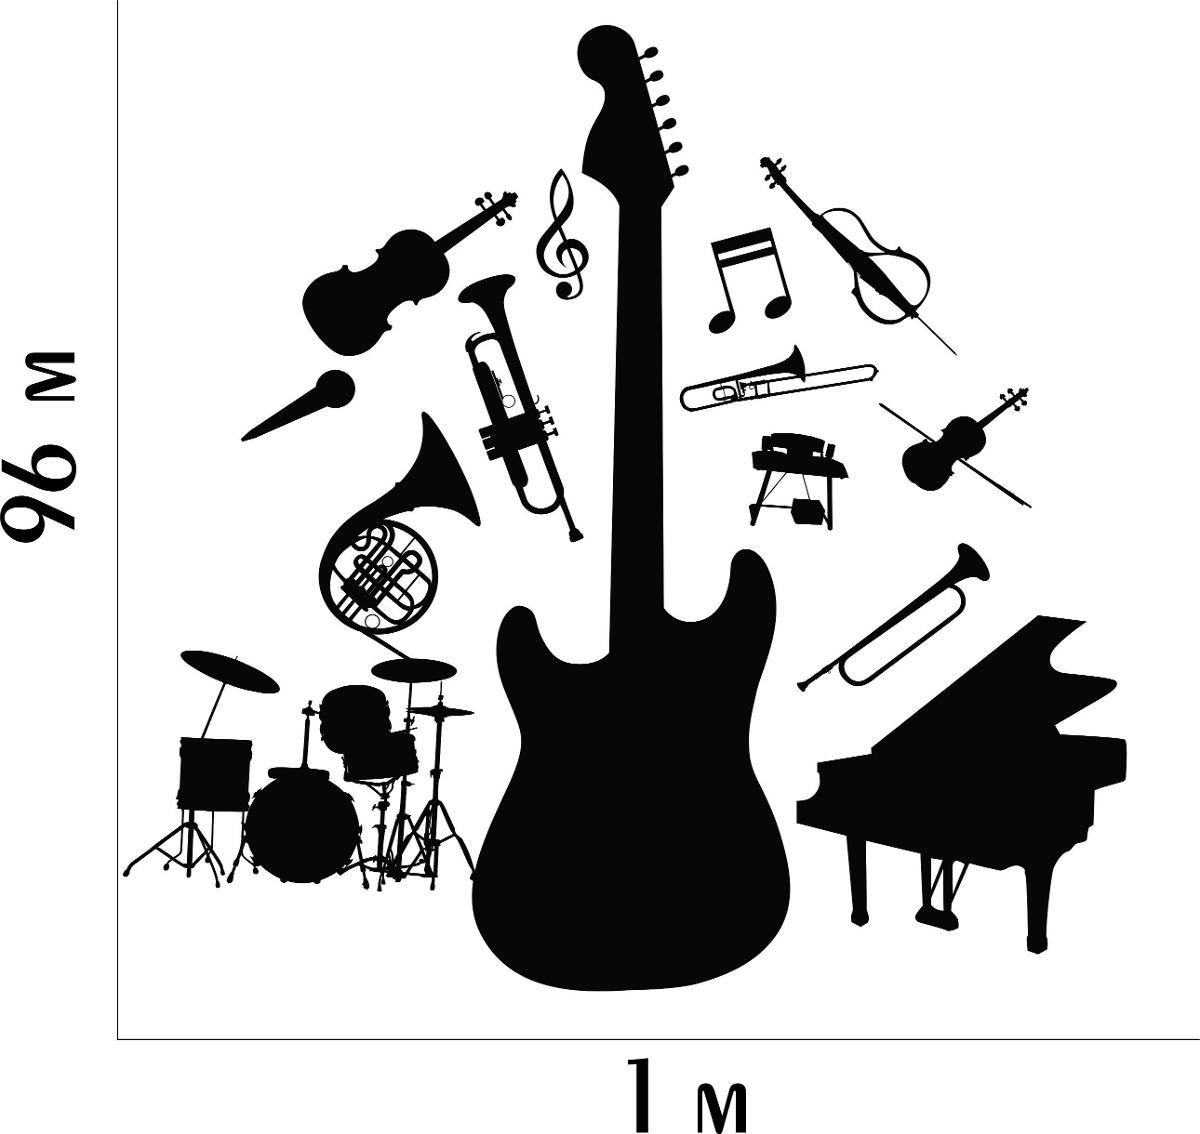 Artesanato Feltro Passo A Passo ~ Adesivo De Parede Instrumentos Musicais Música Viol u00e3o Notas R$ 49,99 em Mercado Livre